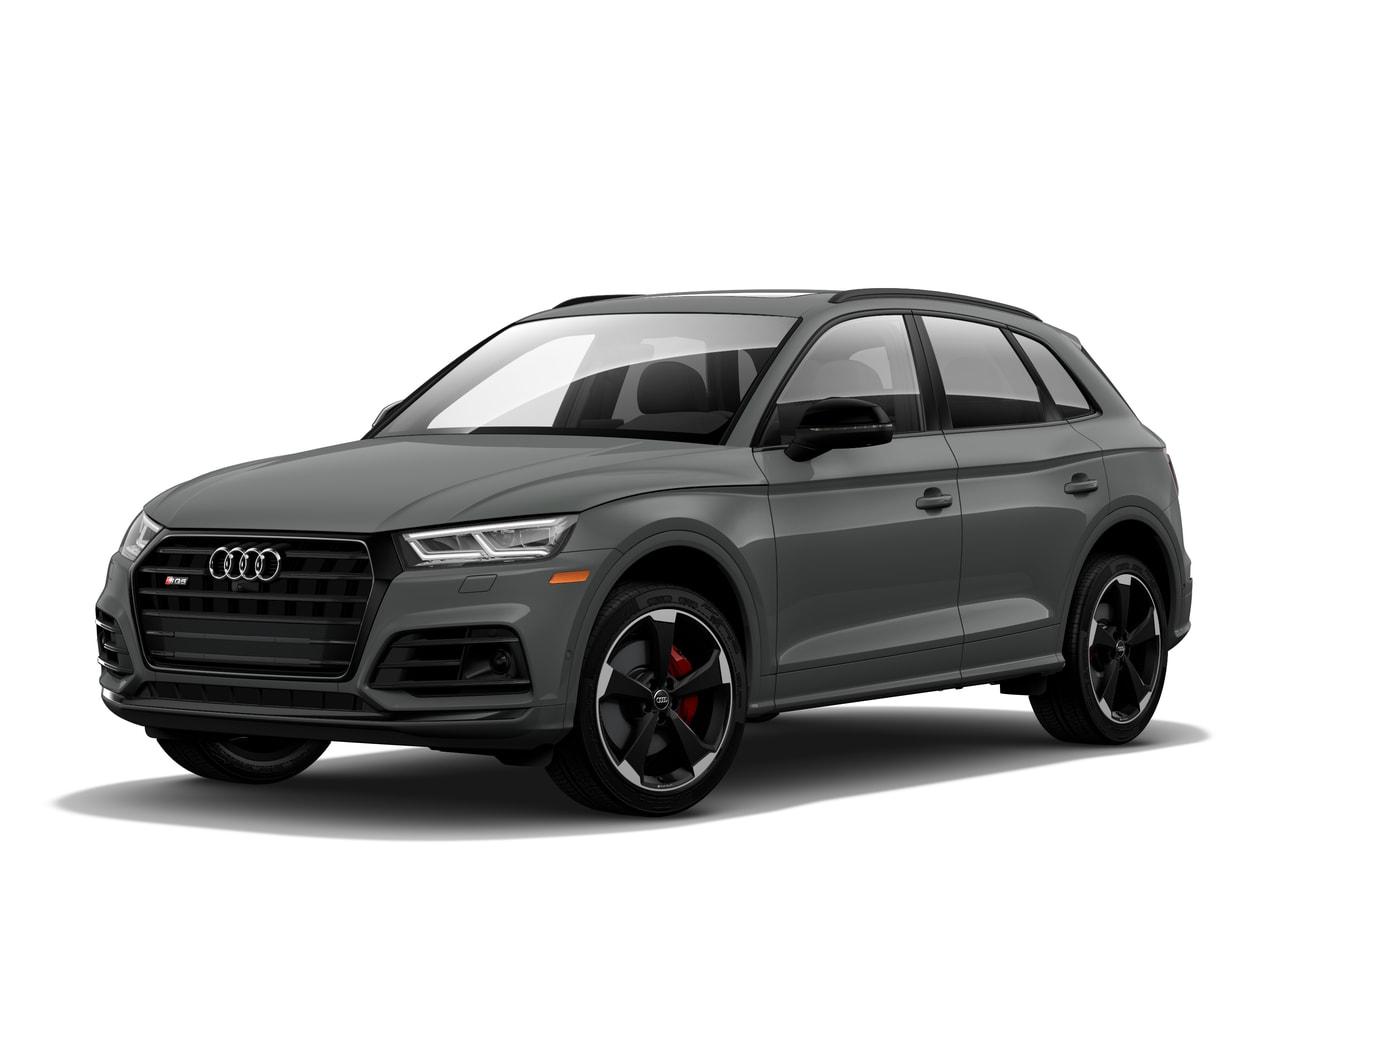 2020 Audi SQ5 SUV